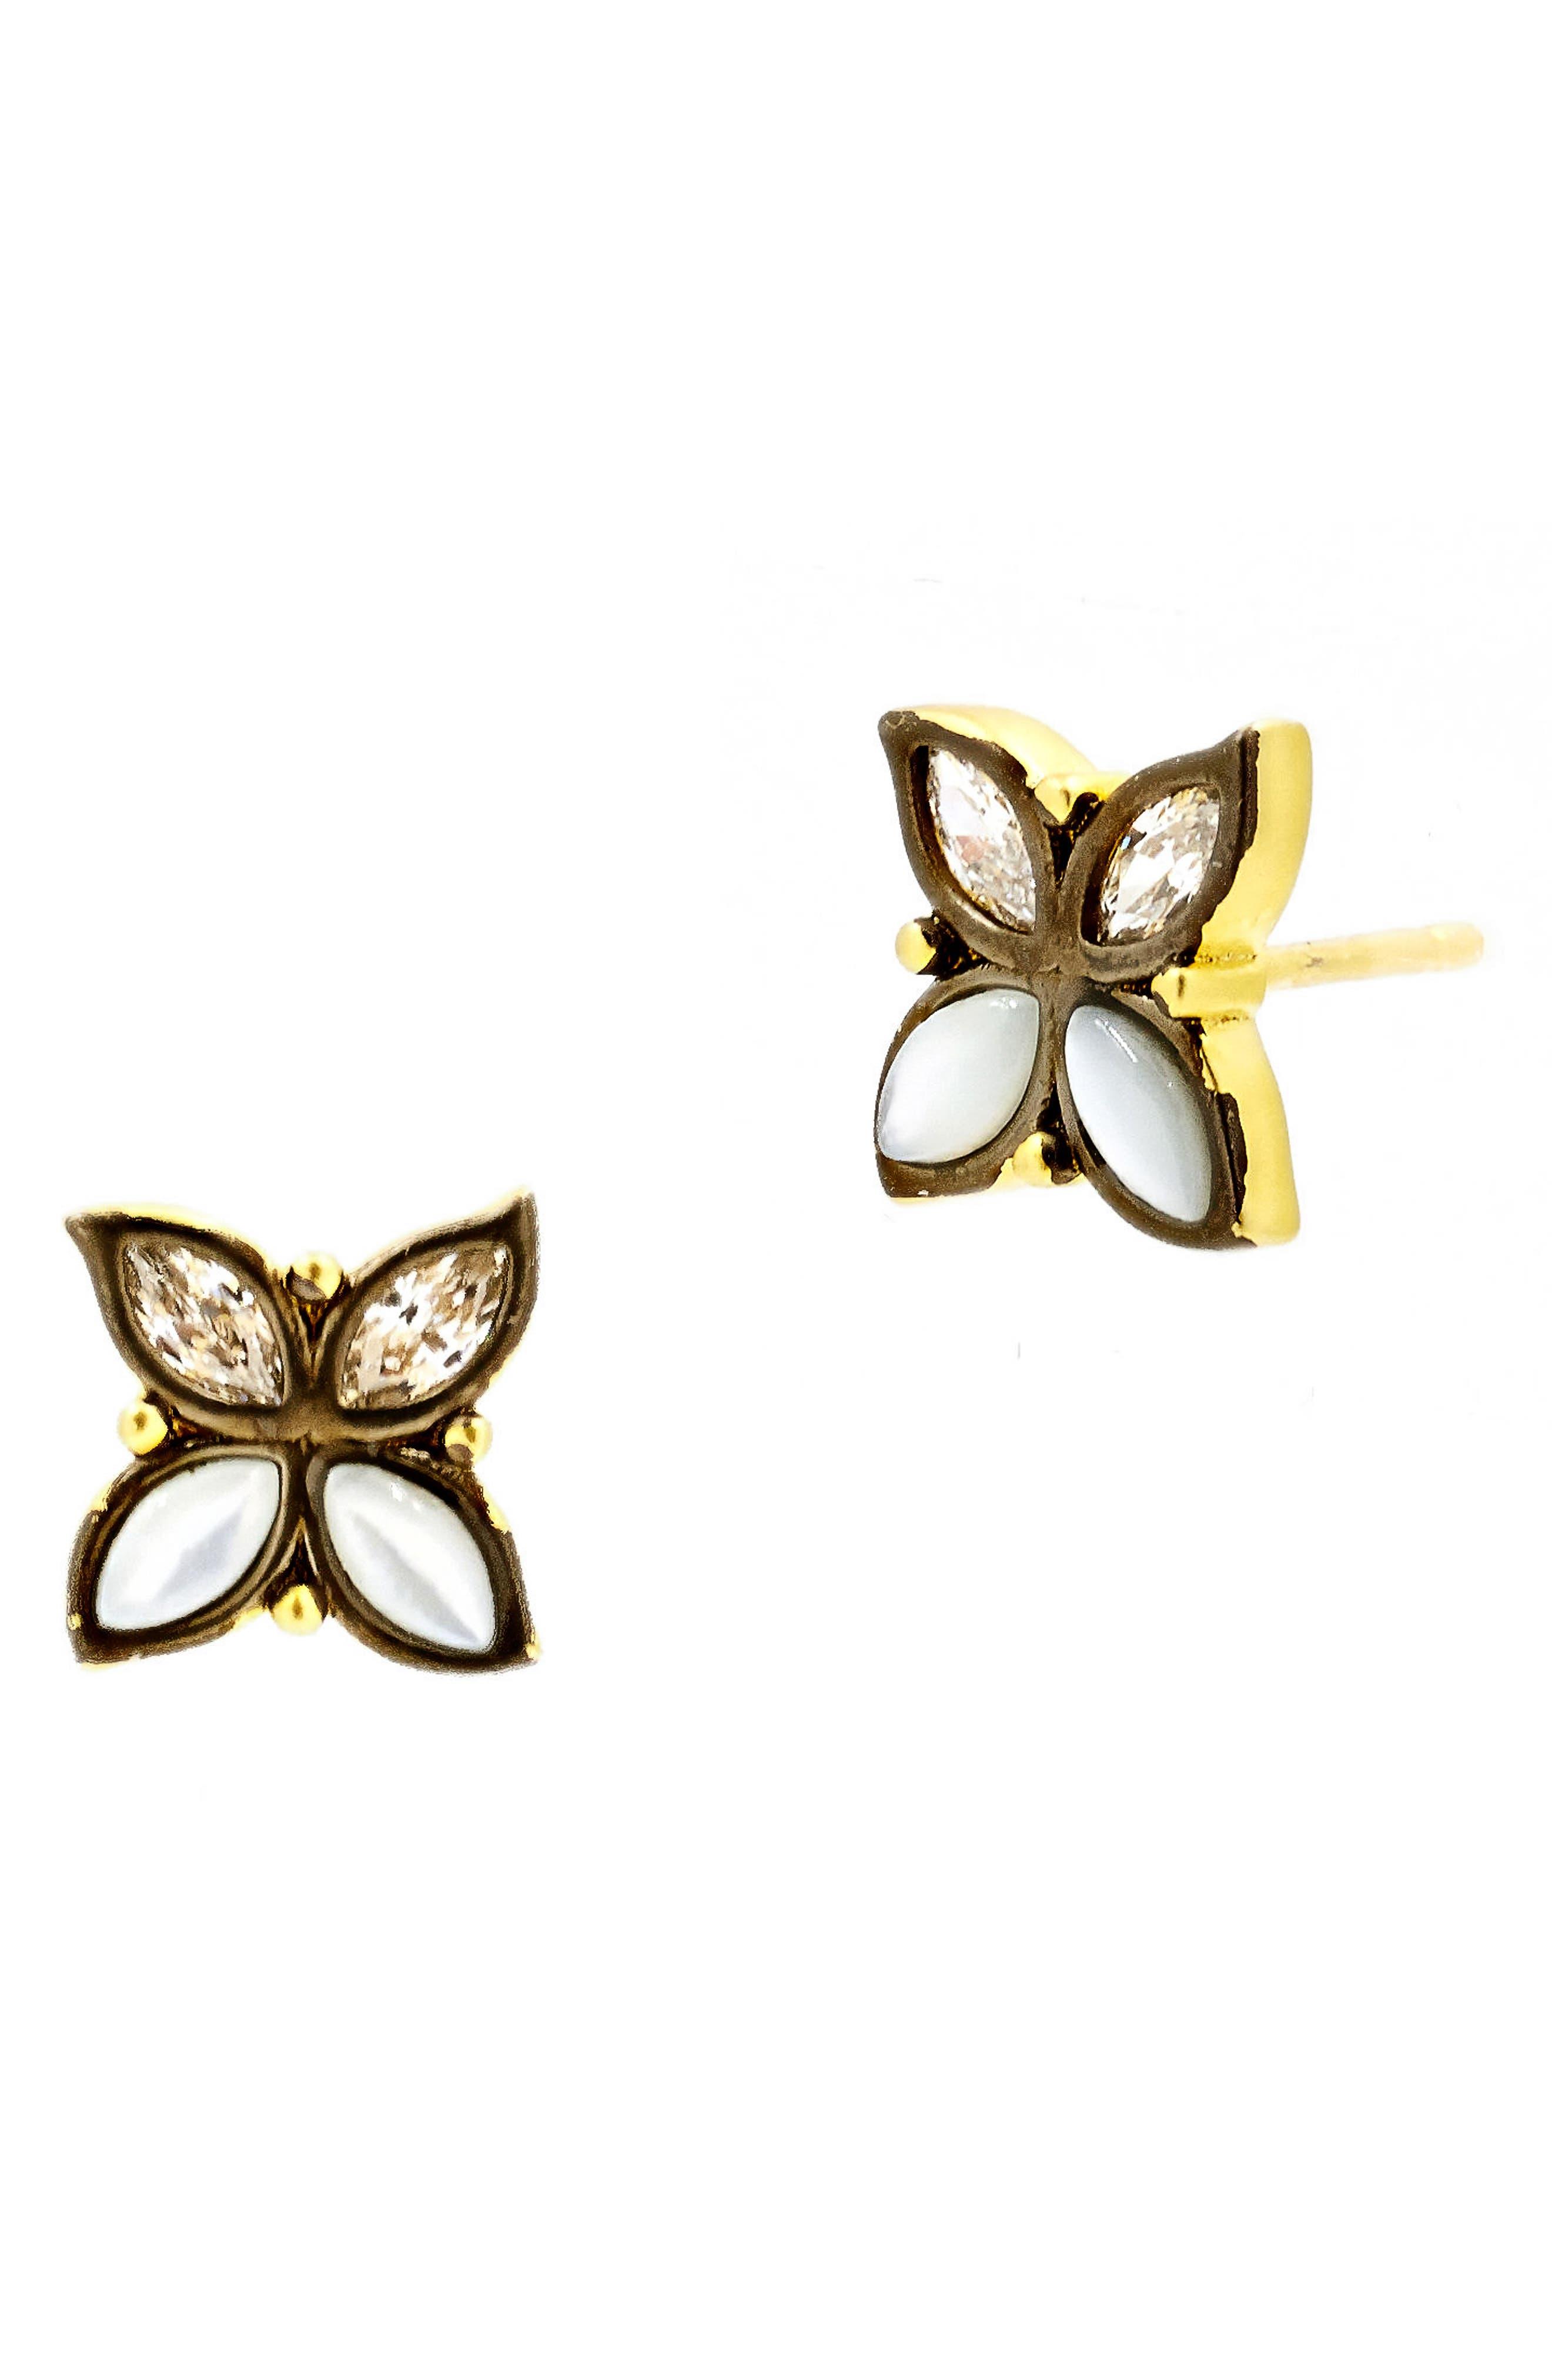 Fleur Bloom Stud Earrings,                         Main,                         color, GOLD/ BLACK RHODIUM